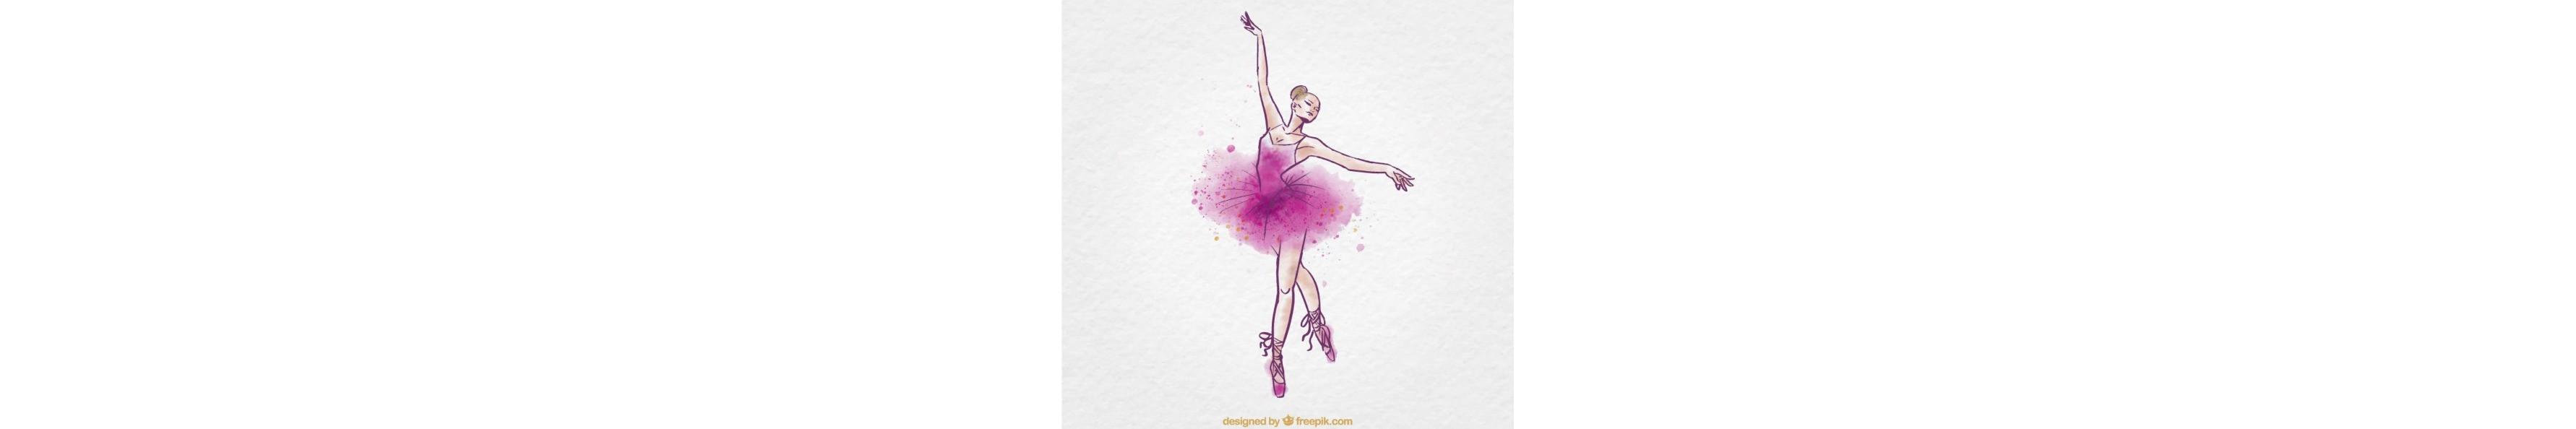 Centro de ballet Caterina Grudtsina